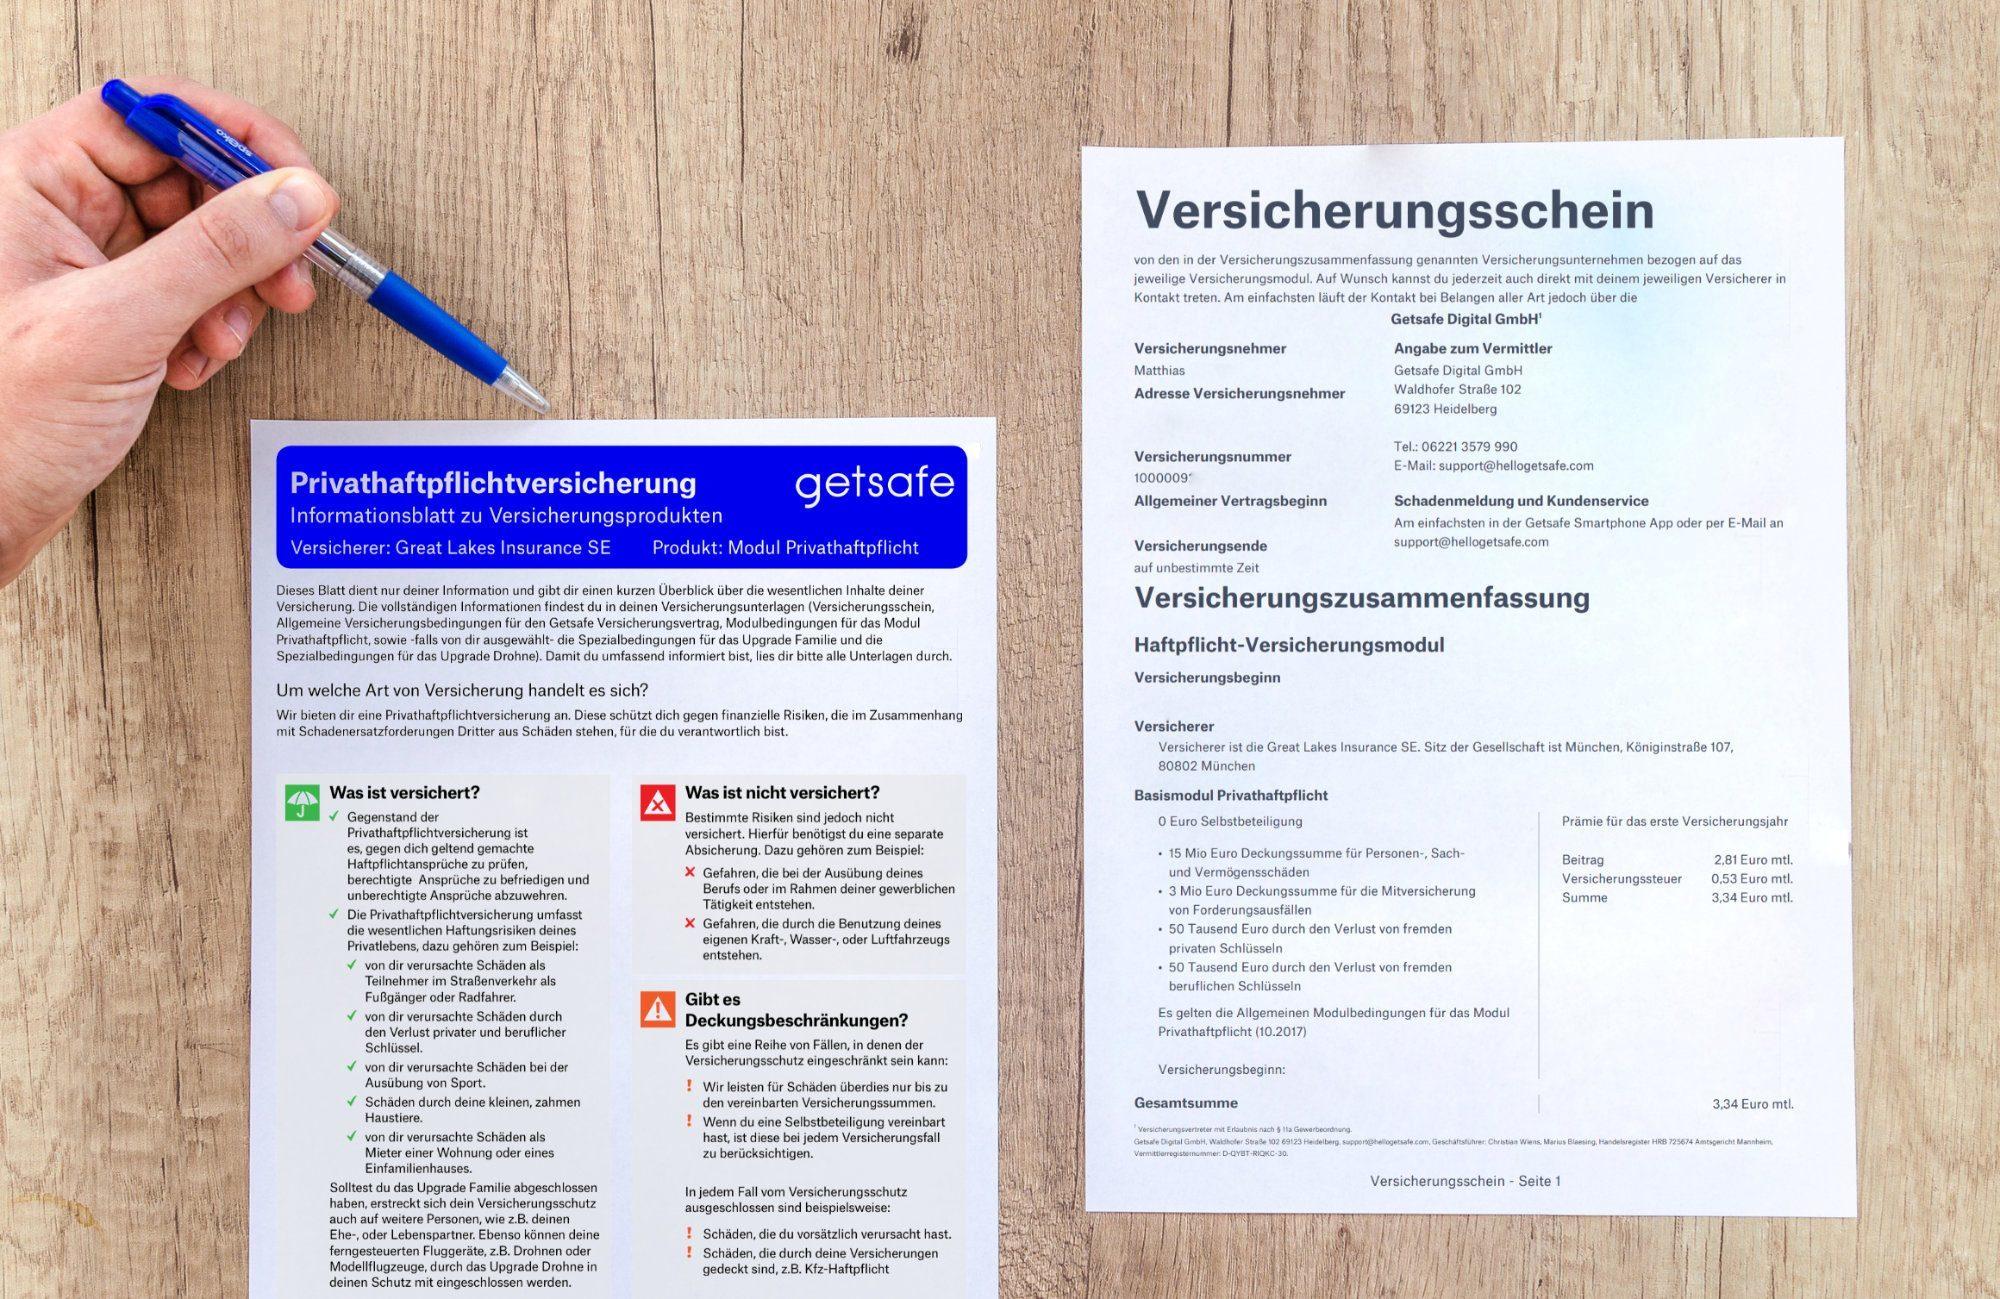 Getsafe Privat Haftpflicht Versicherung Erfahrungen Marketingblog Biz